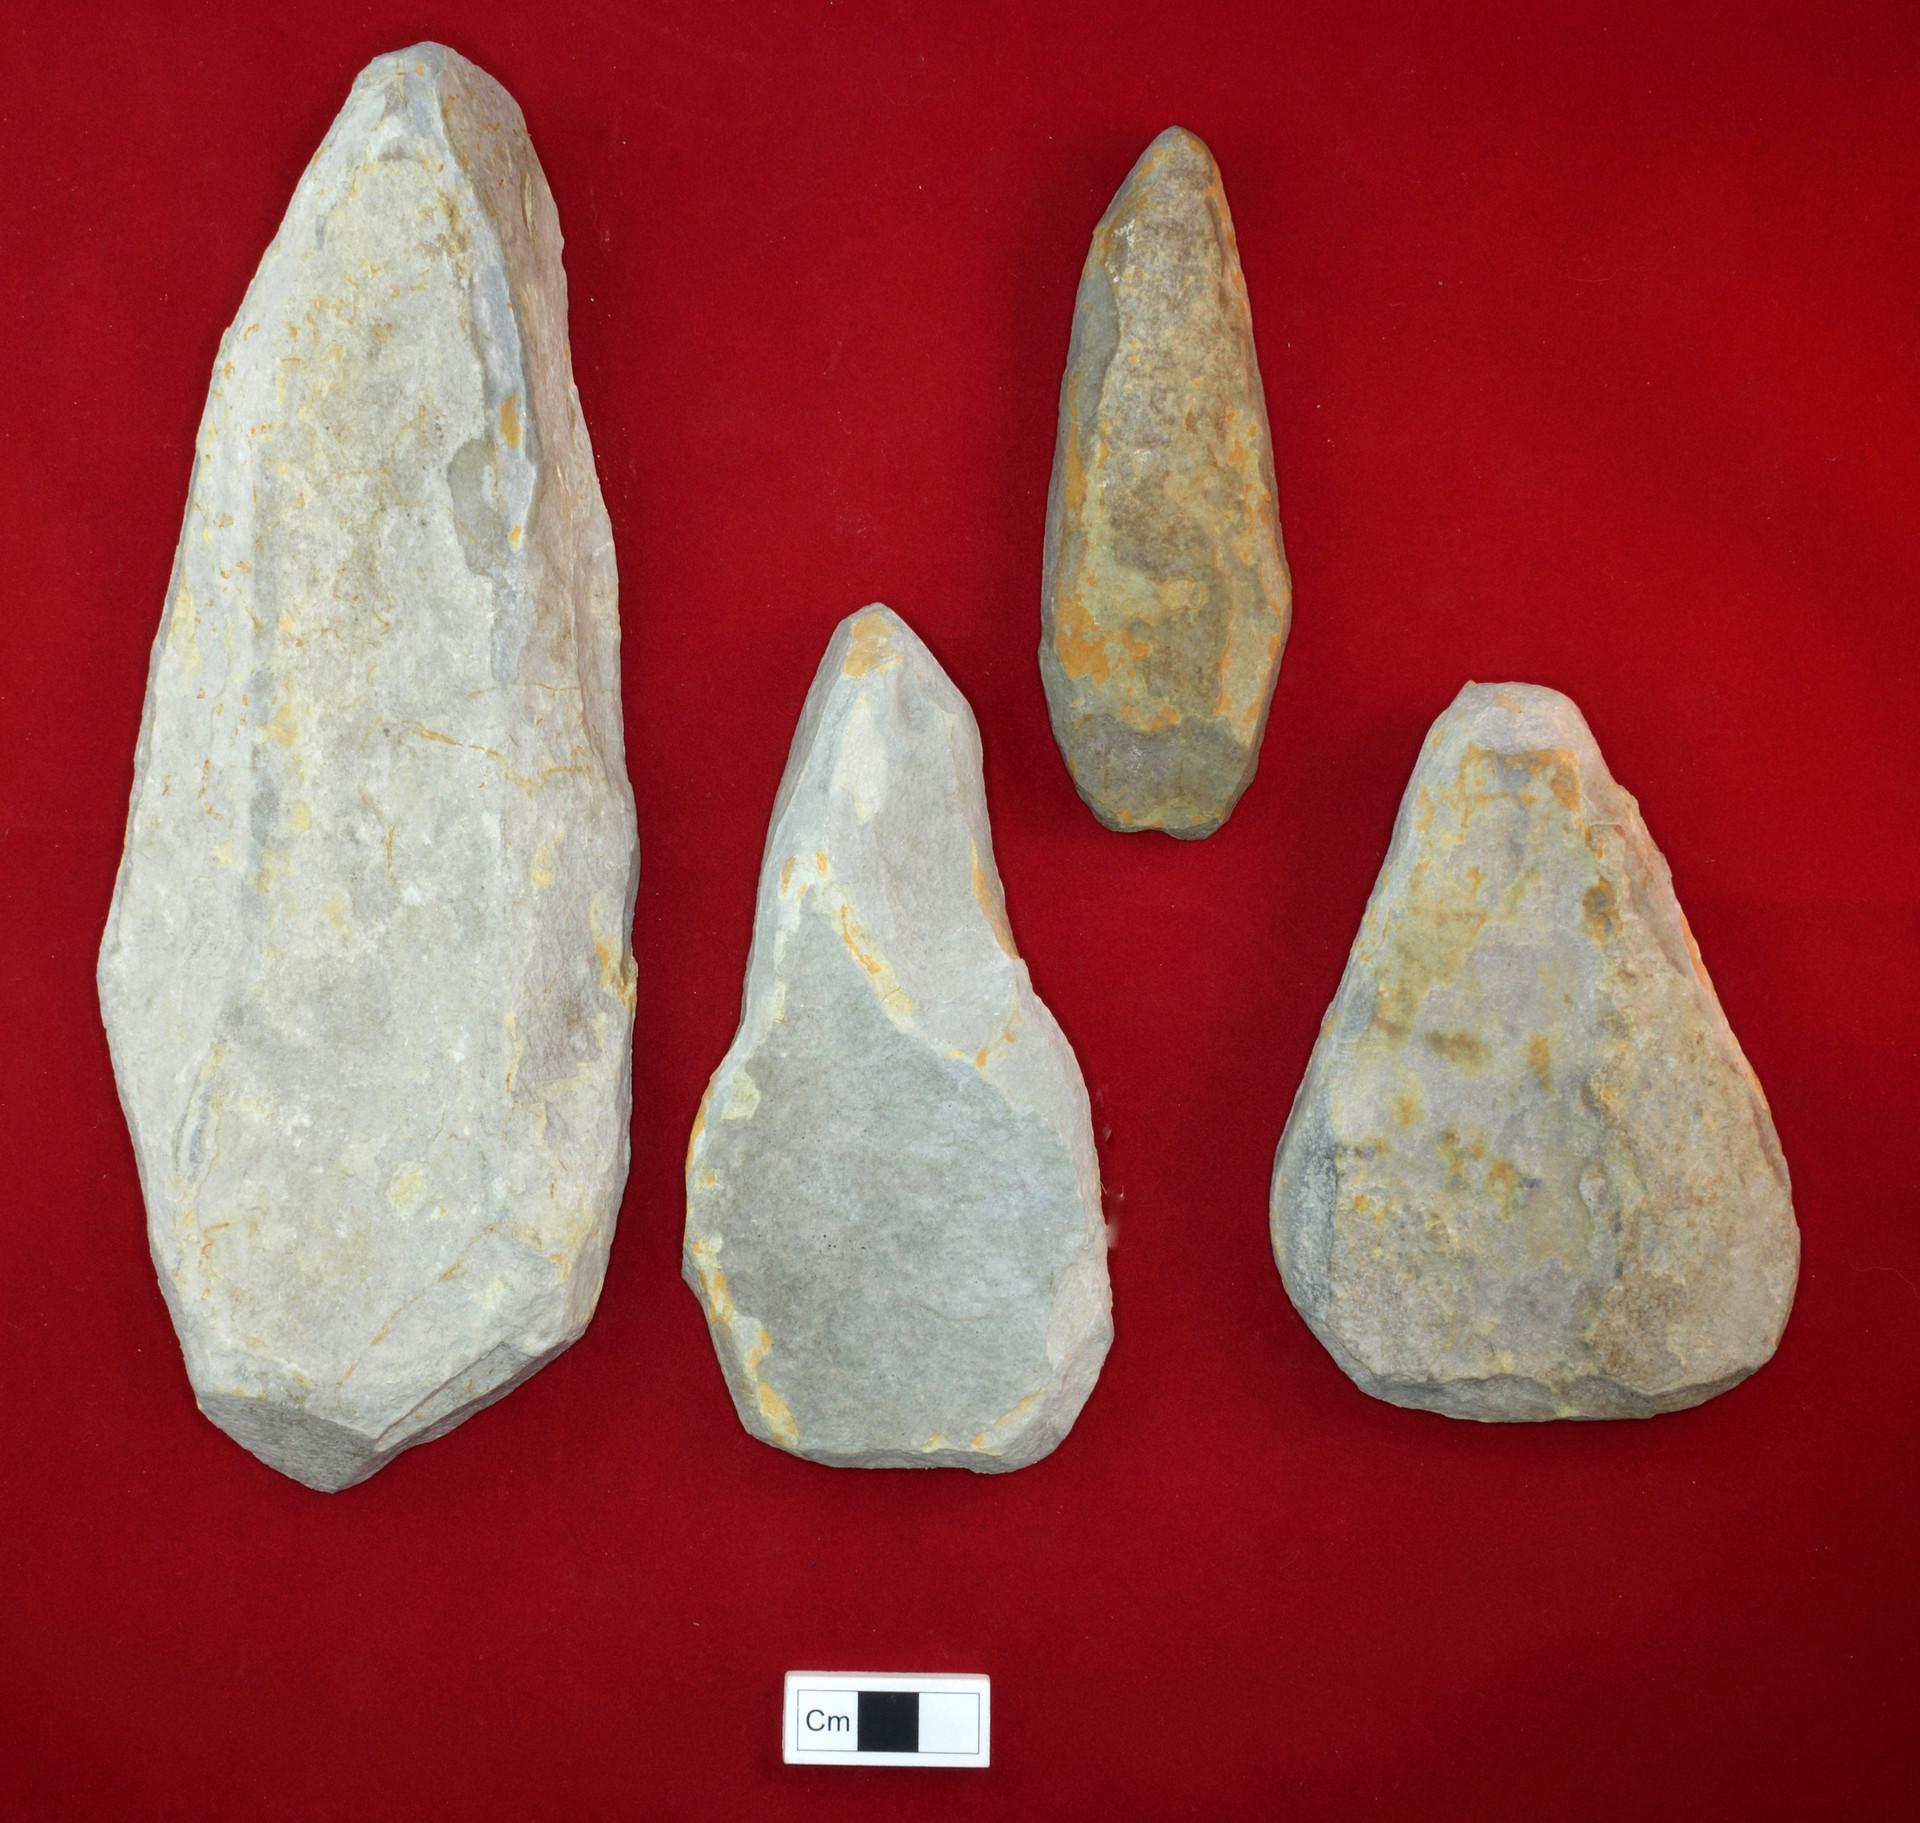 Hallan misteriosas herramientas de piedra en un yacimiento - Herramientas para piedra ...